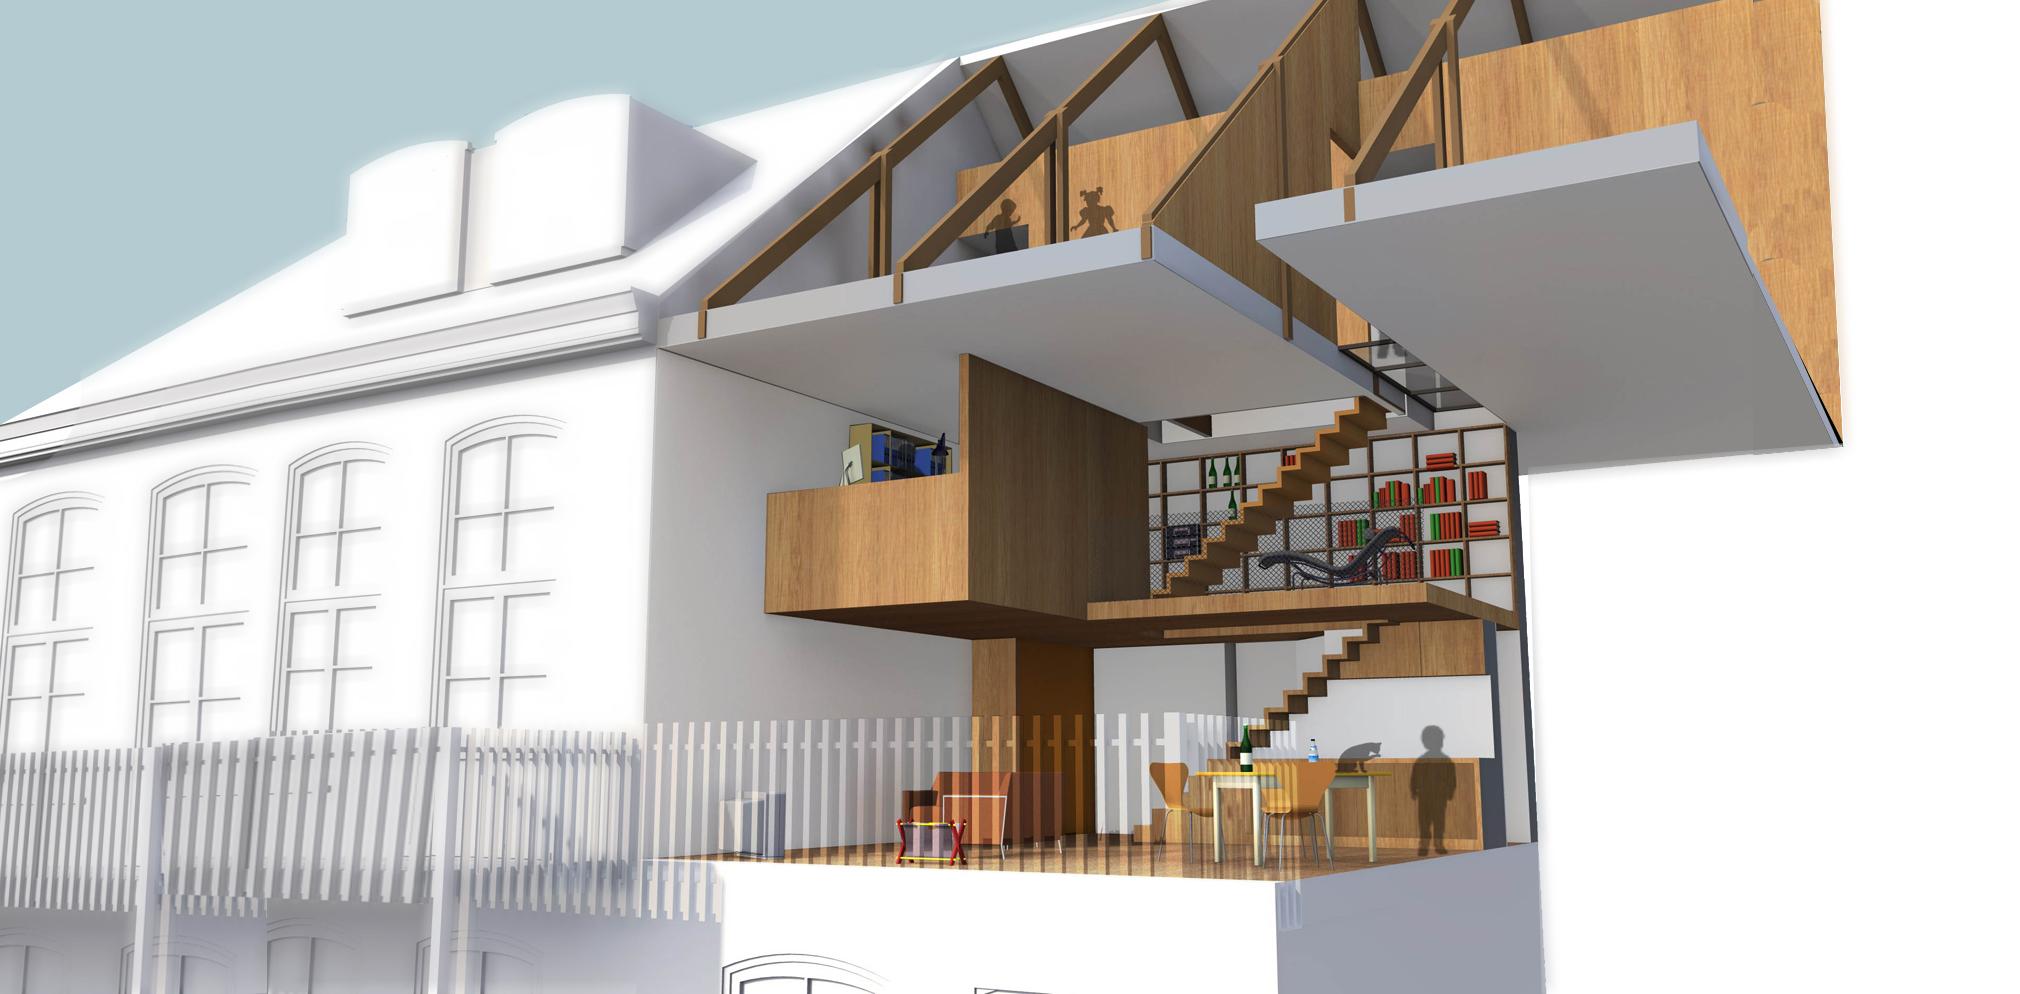 Morfis-Architecture-Loft10-01